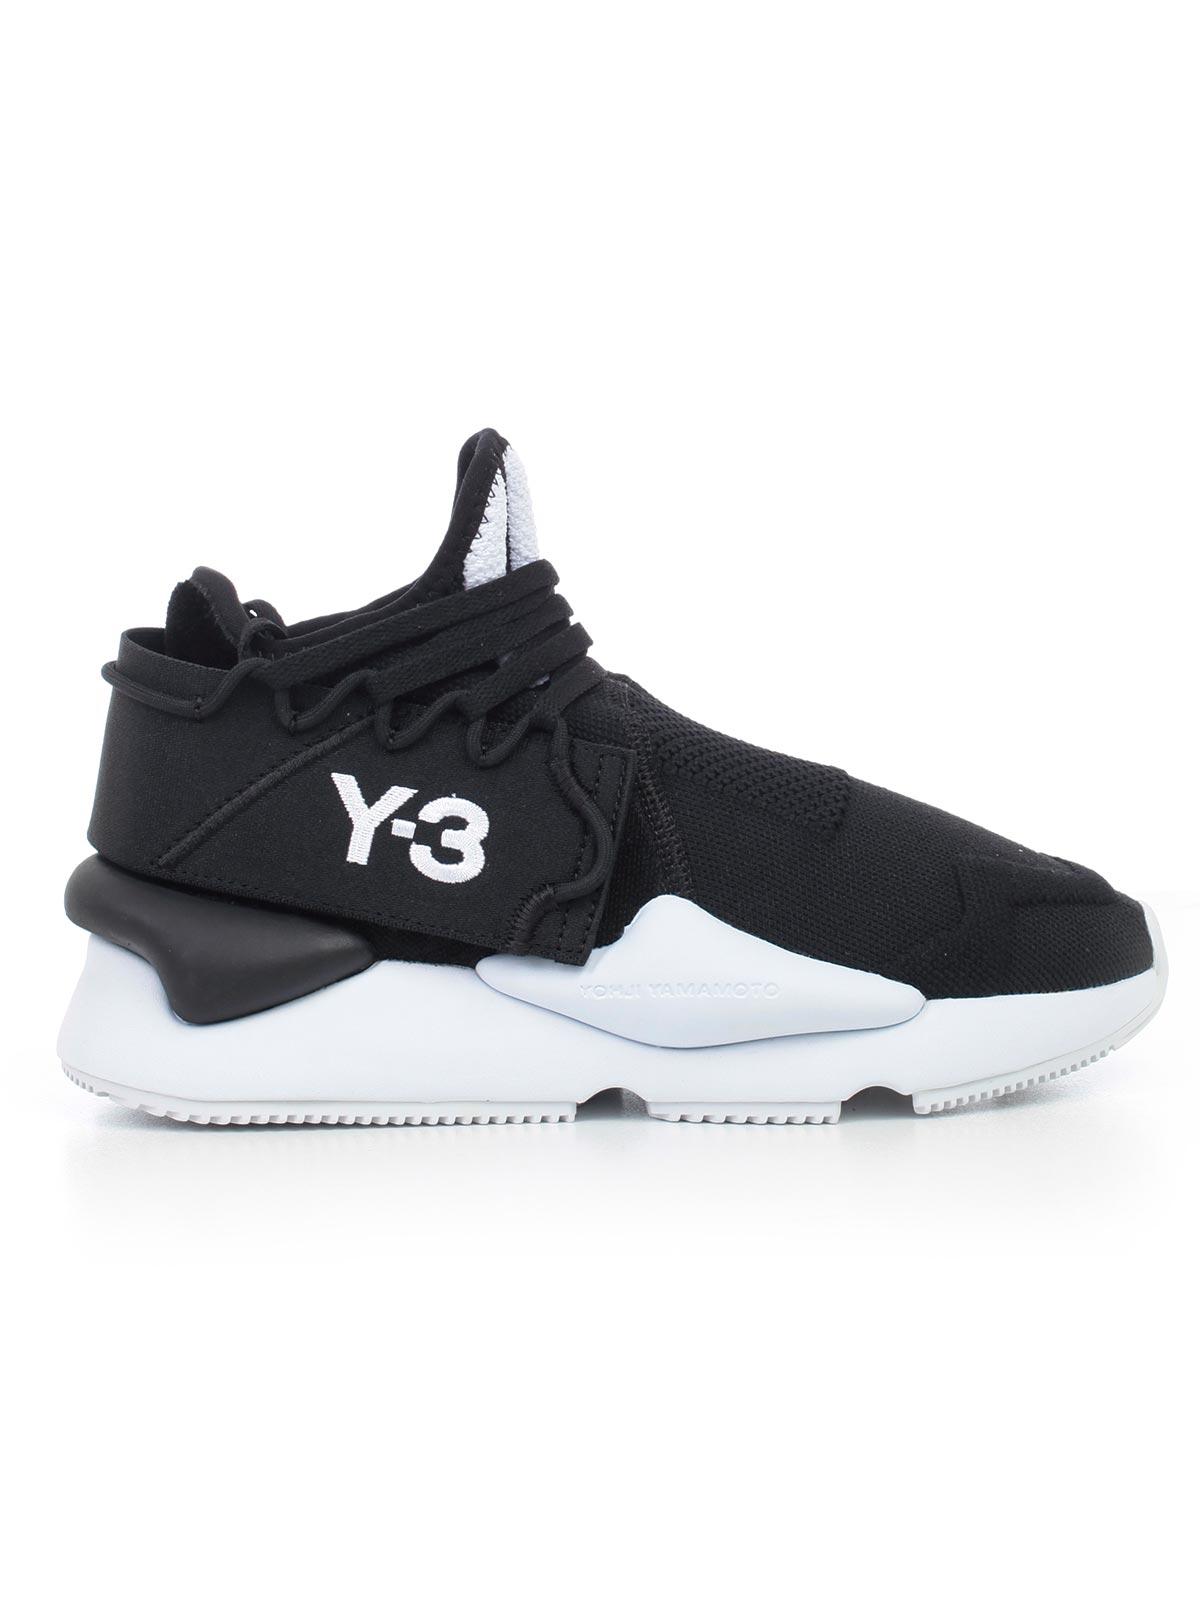 6b4cfc10c6de Picture of Y-3 Yohji Yamamoto Adidas Shoes